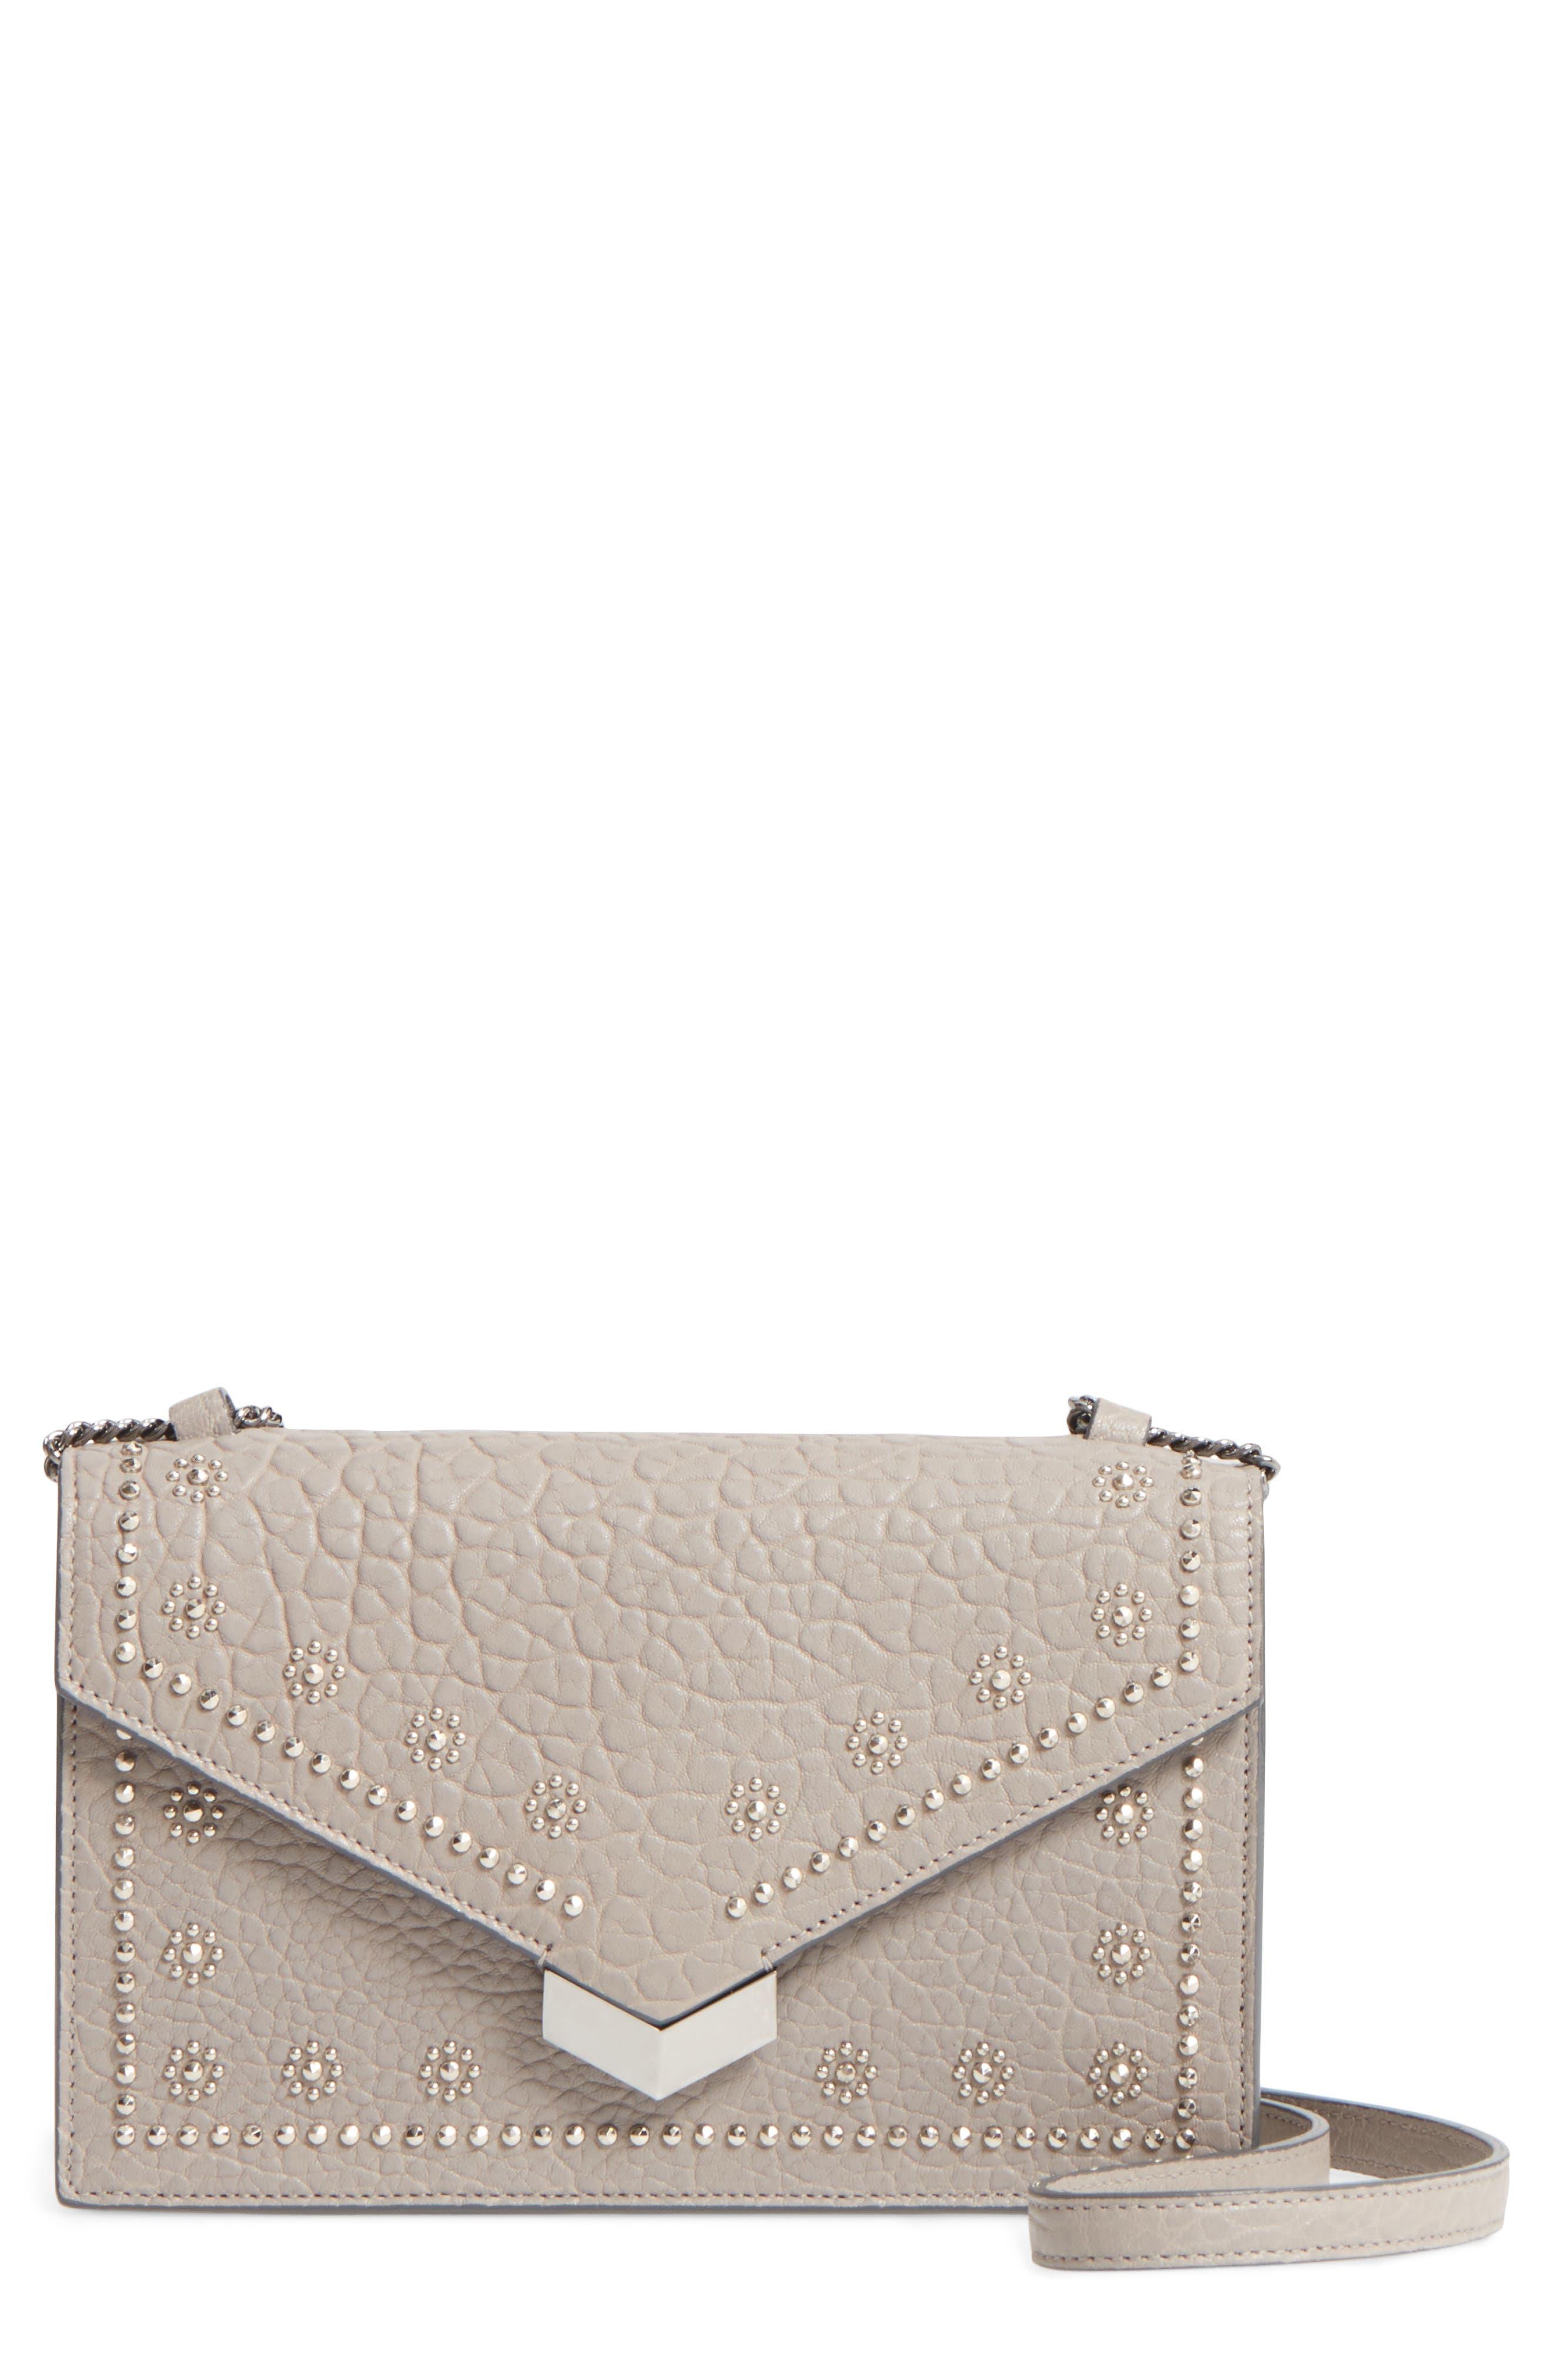 Leila Grainy Lambskin Leather Crossbody Bag,                         Main,                         color, 040